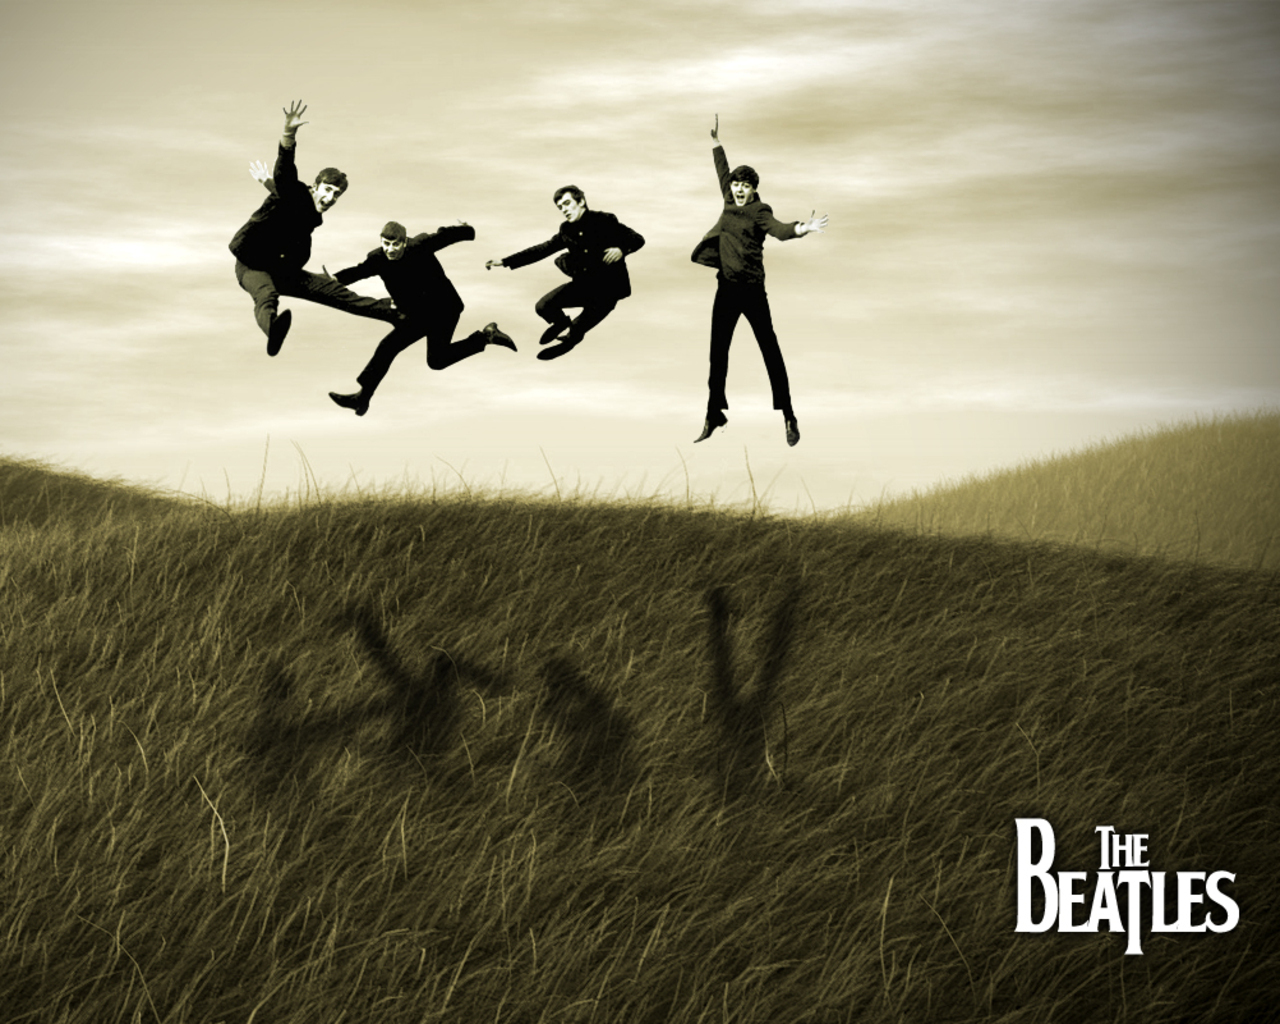 the Beatles Wallpaper   Classic Rock Wallpaper 20539042 1280x1024